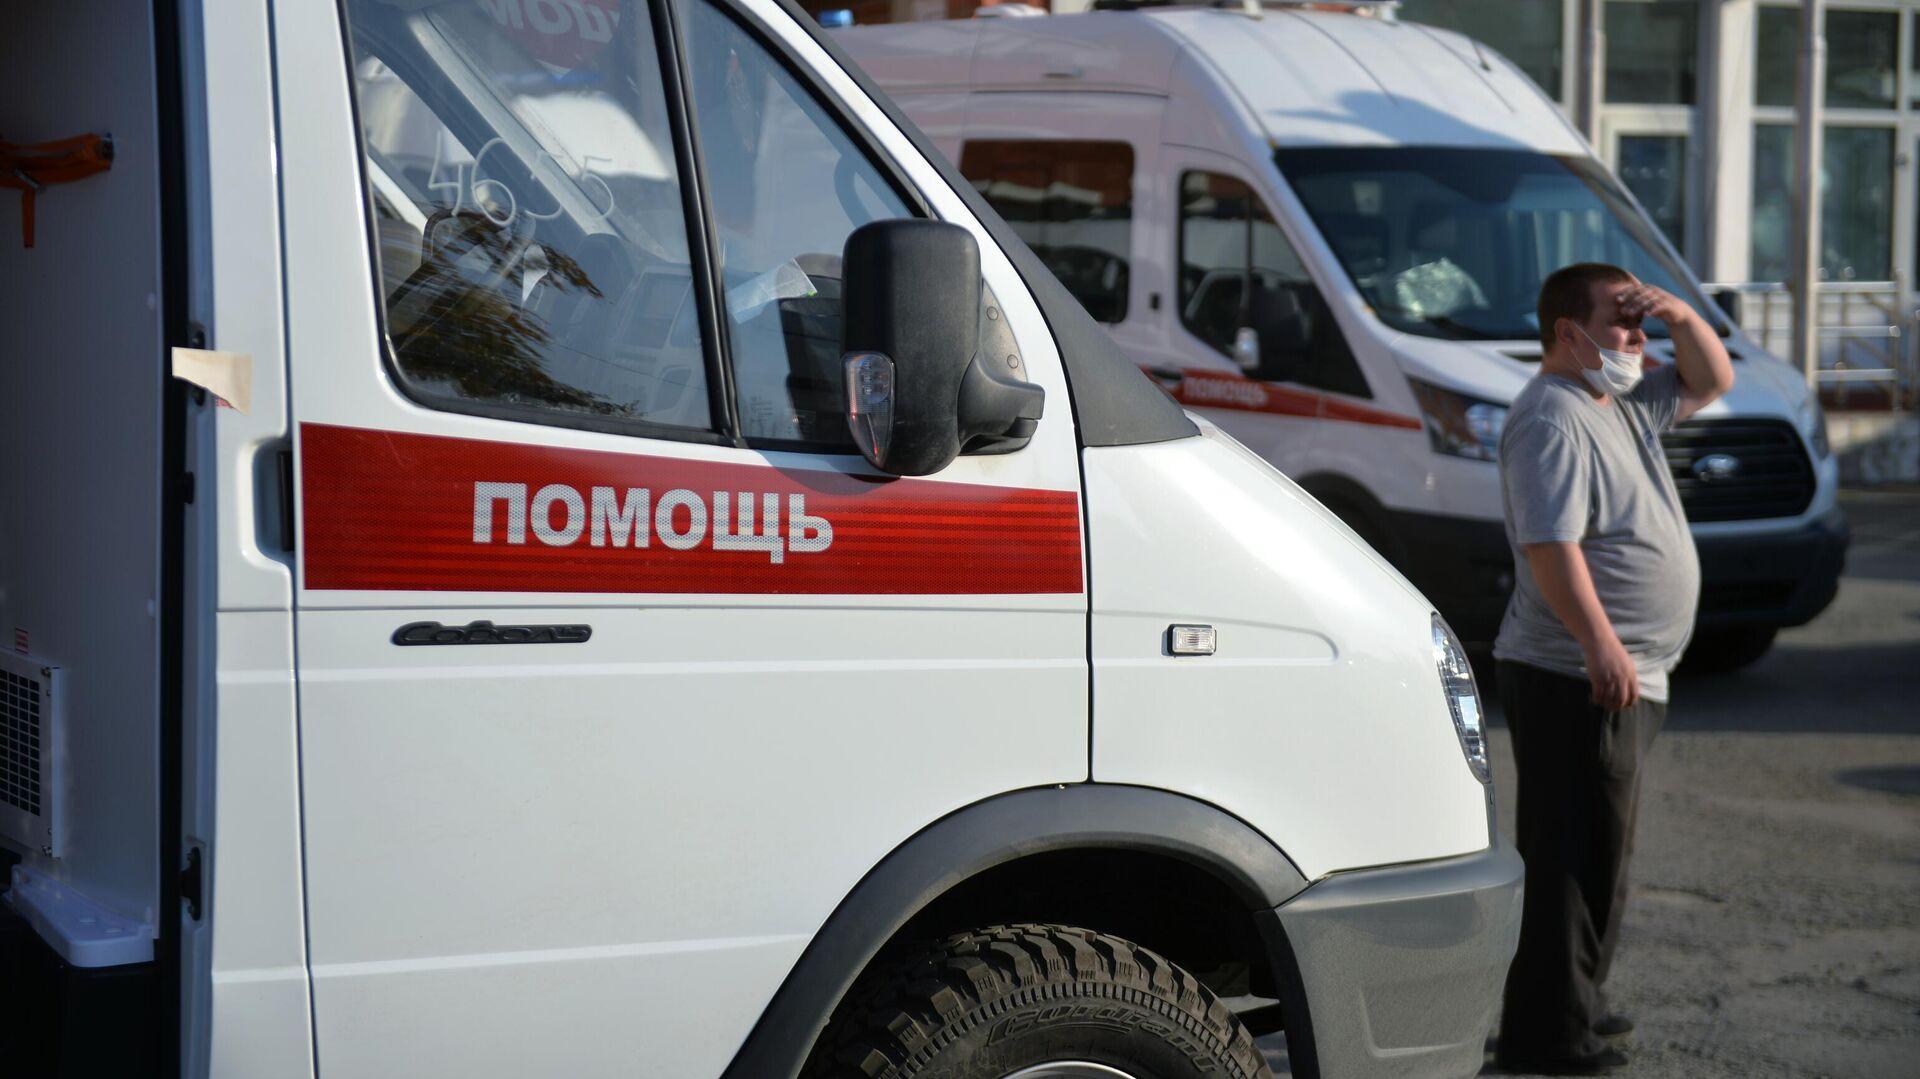 Власти сообщили о состоянии здоровья пострадавших на батуте детей